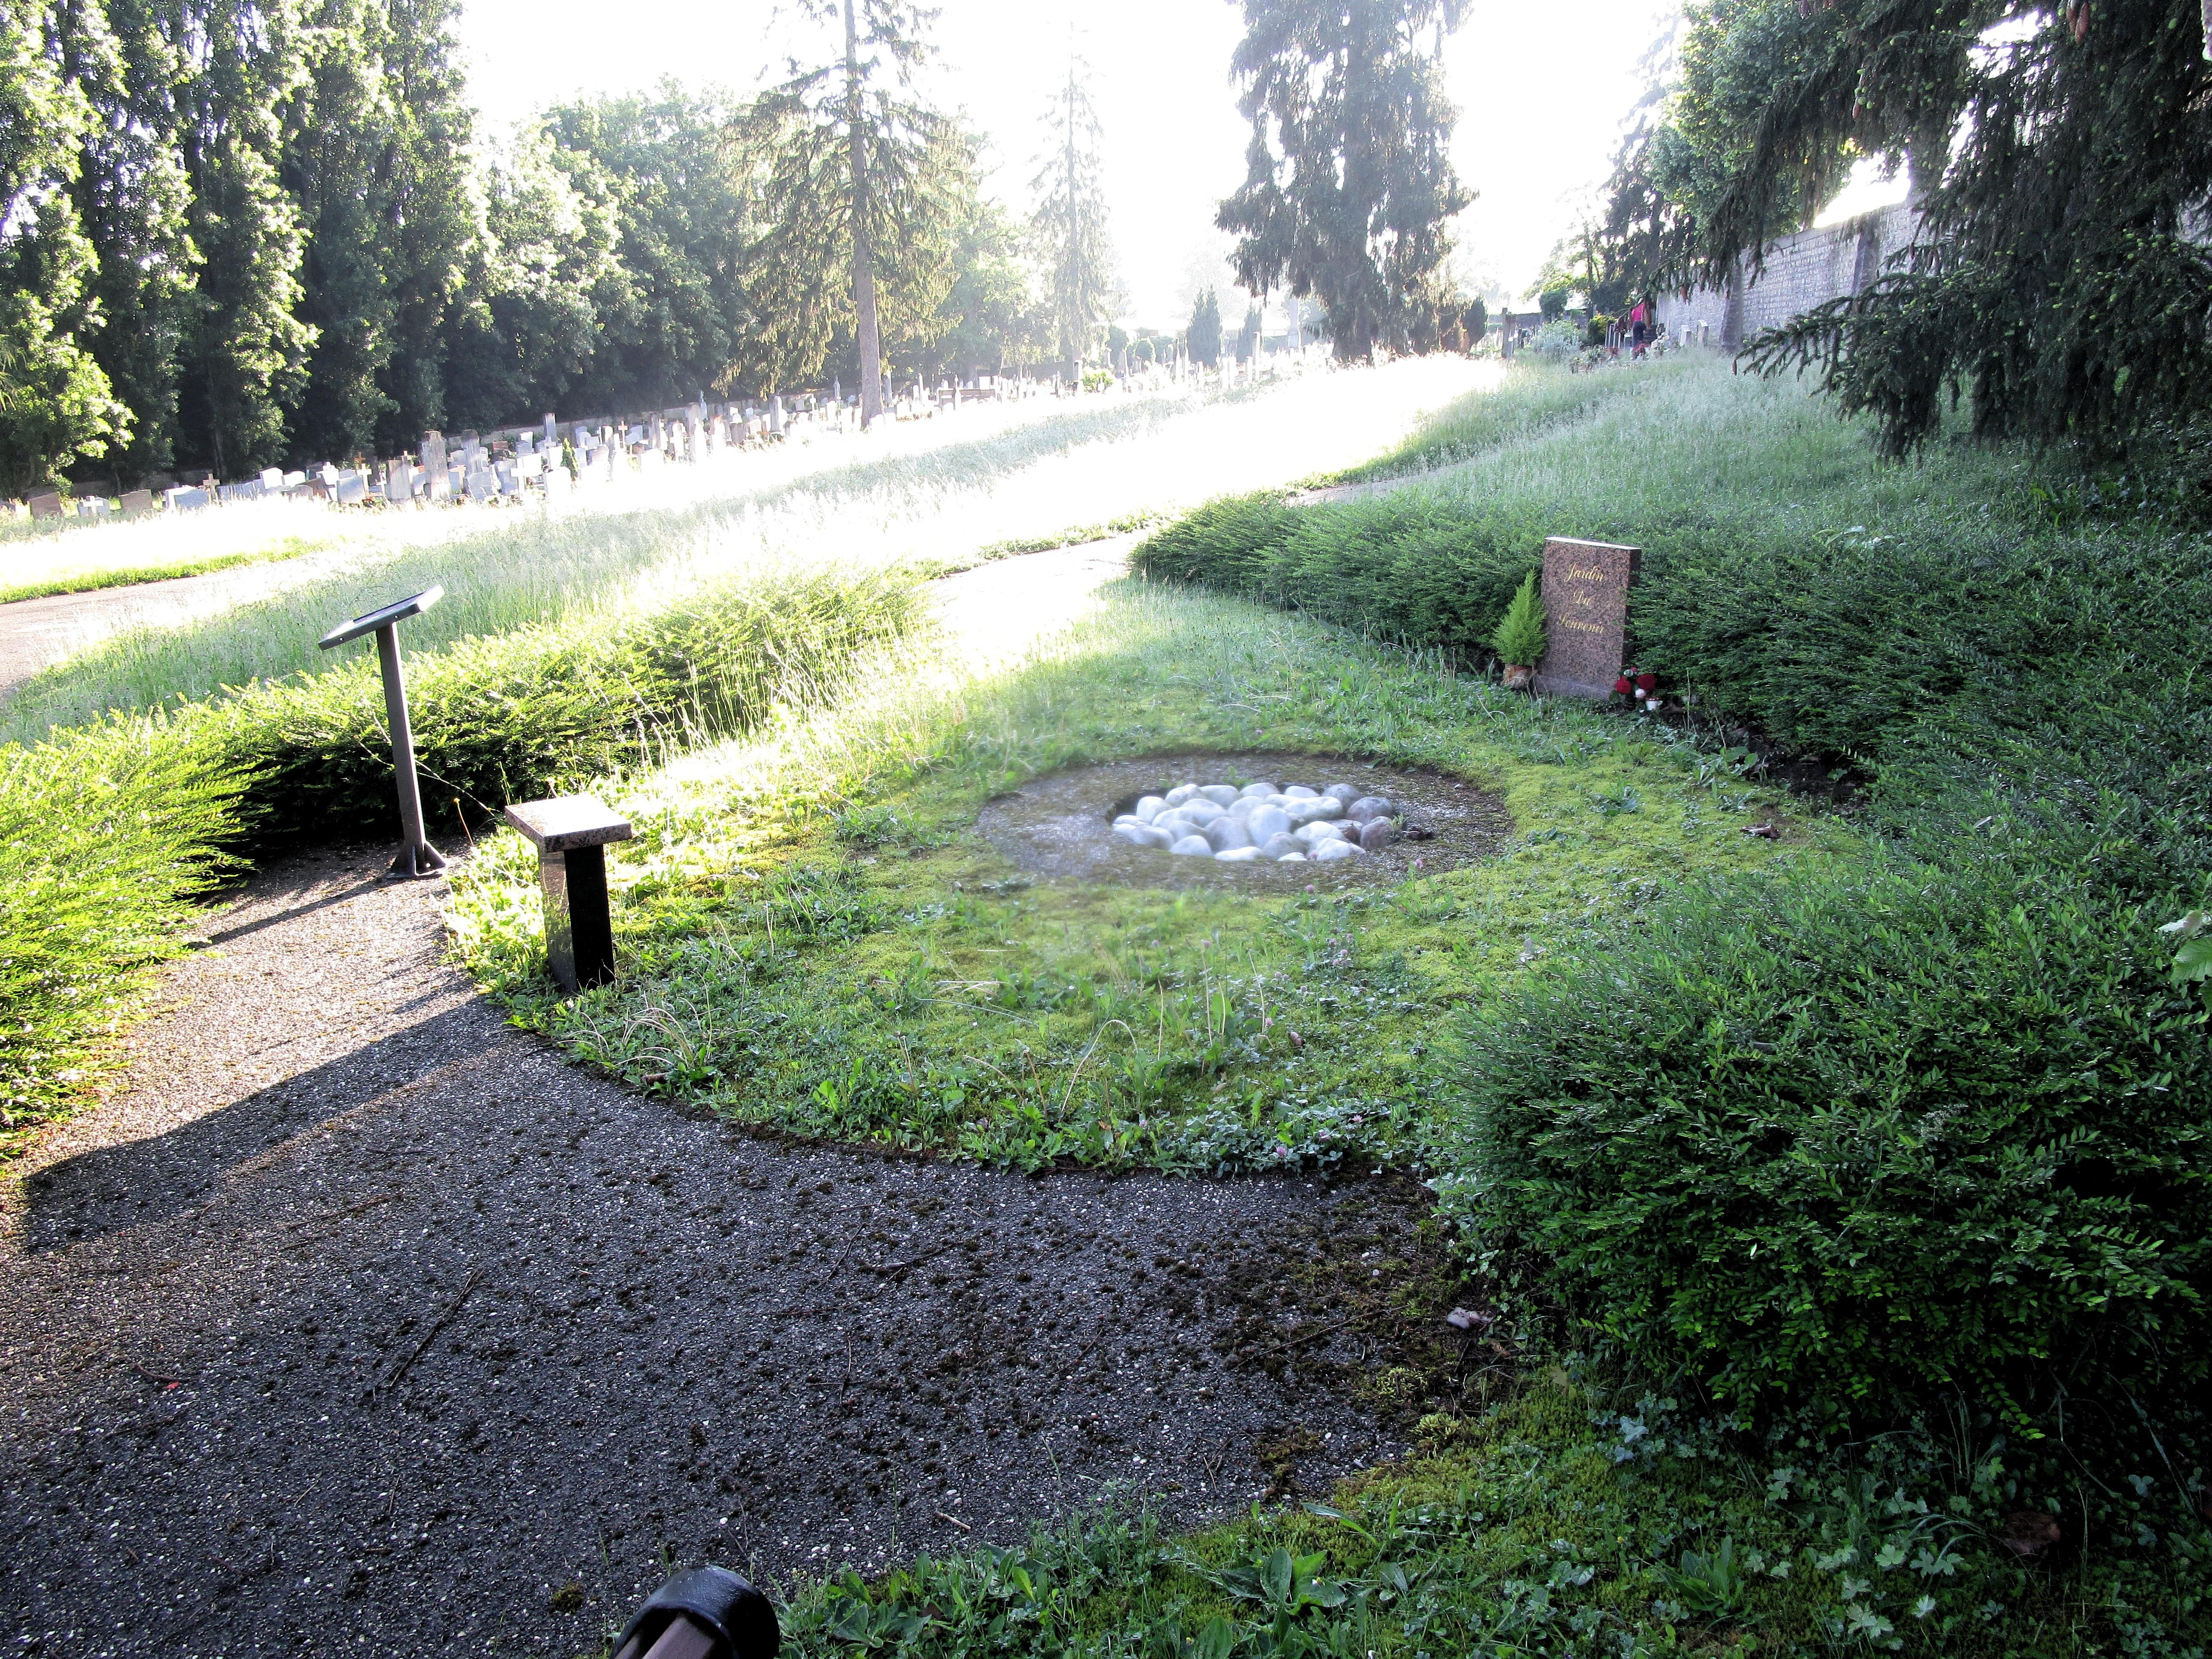 fichiercimetire des champs bruley jardin du souvenirjpg - Jardin Du Souvenir